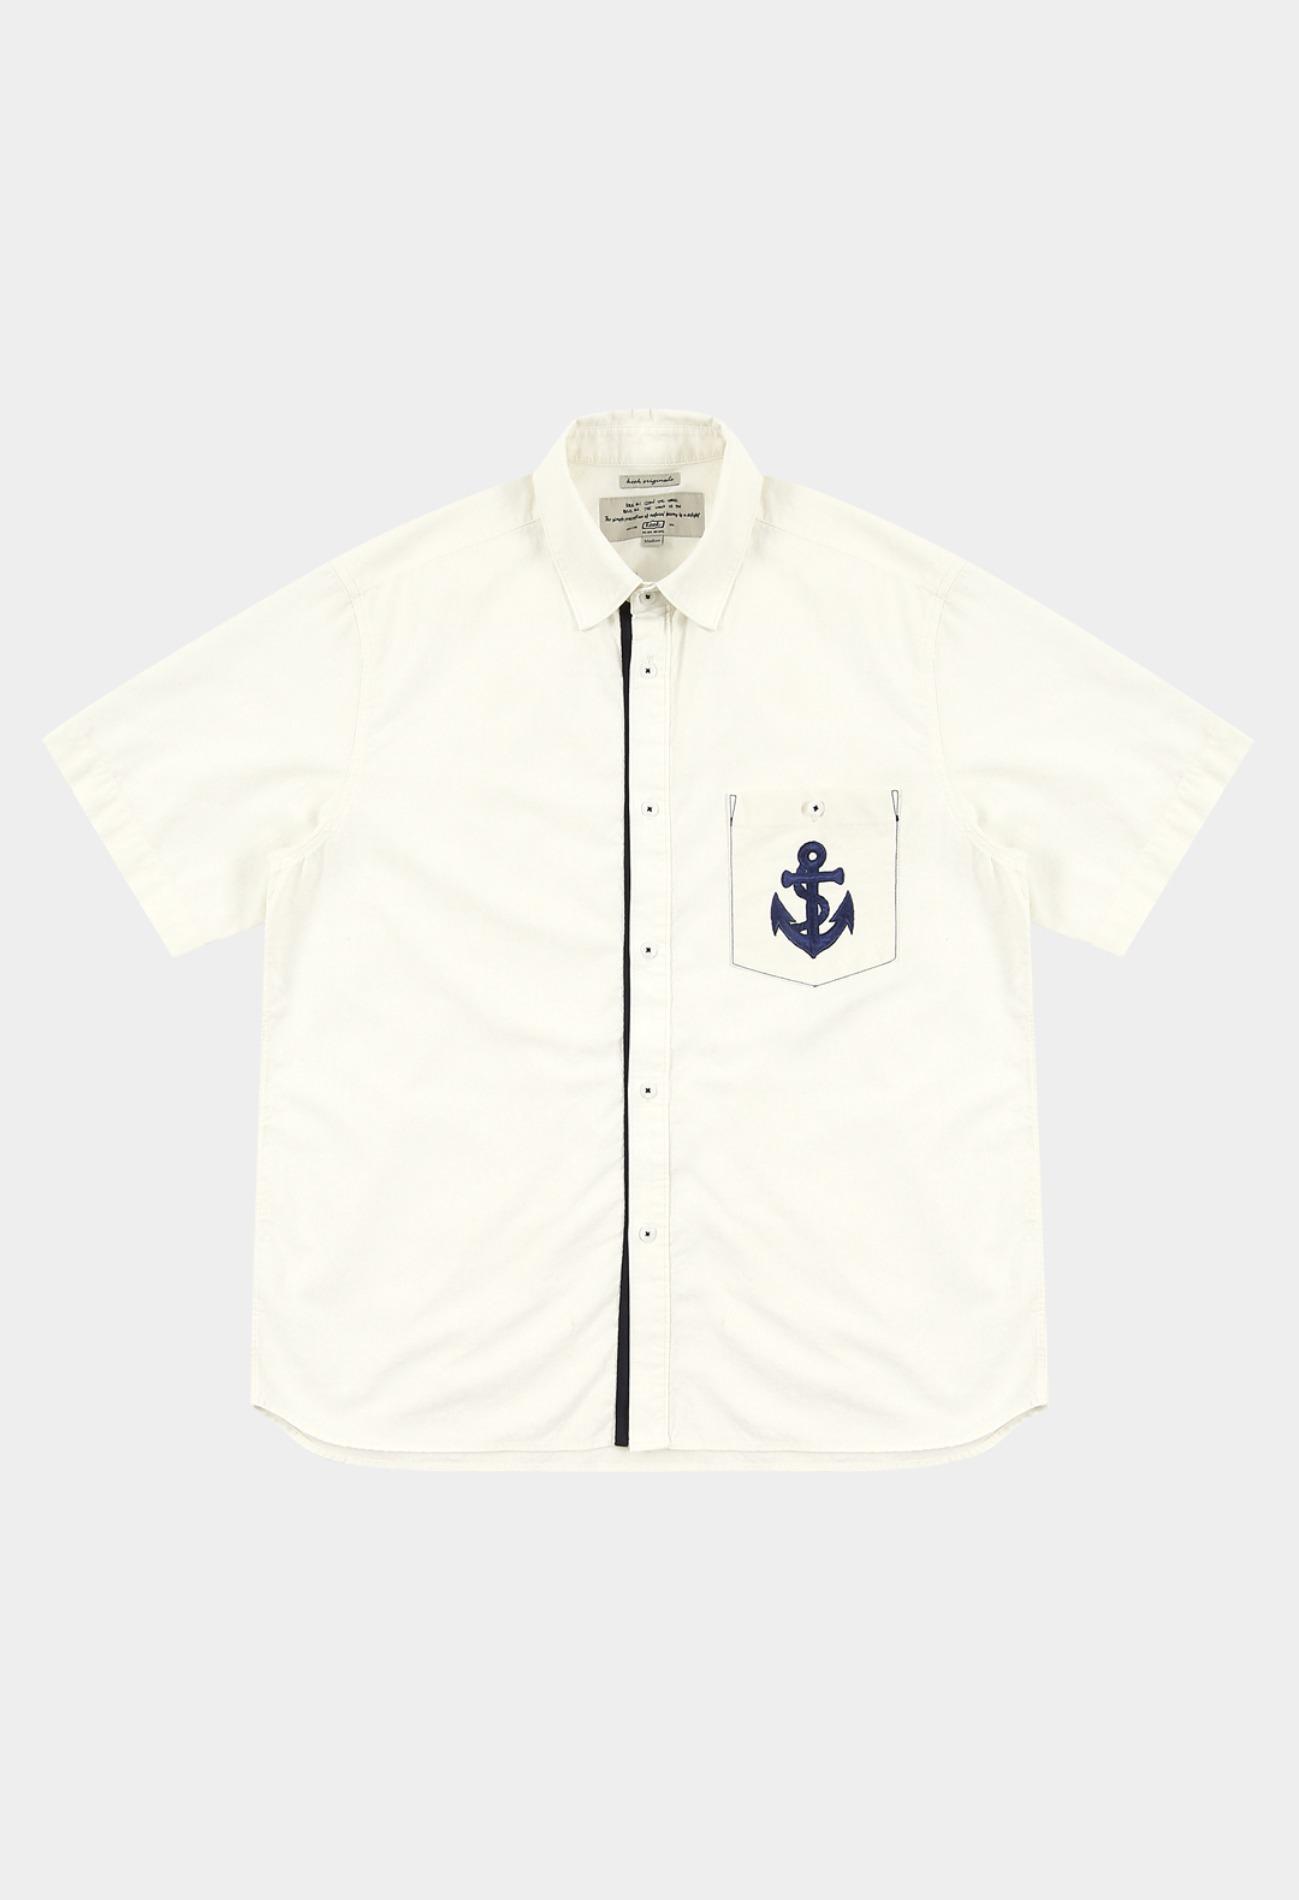 keek [Limited Edition] Anchor Wappen Pocket Shirts - Ivory 스트릿패션 유니섹스브랜드 커플시밀러룩 남자쇼핑몰 여성의류쇼핑몰 후드티 힙색